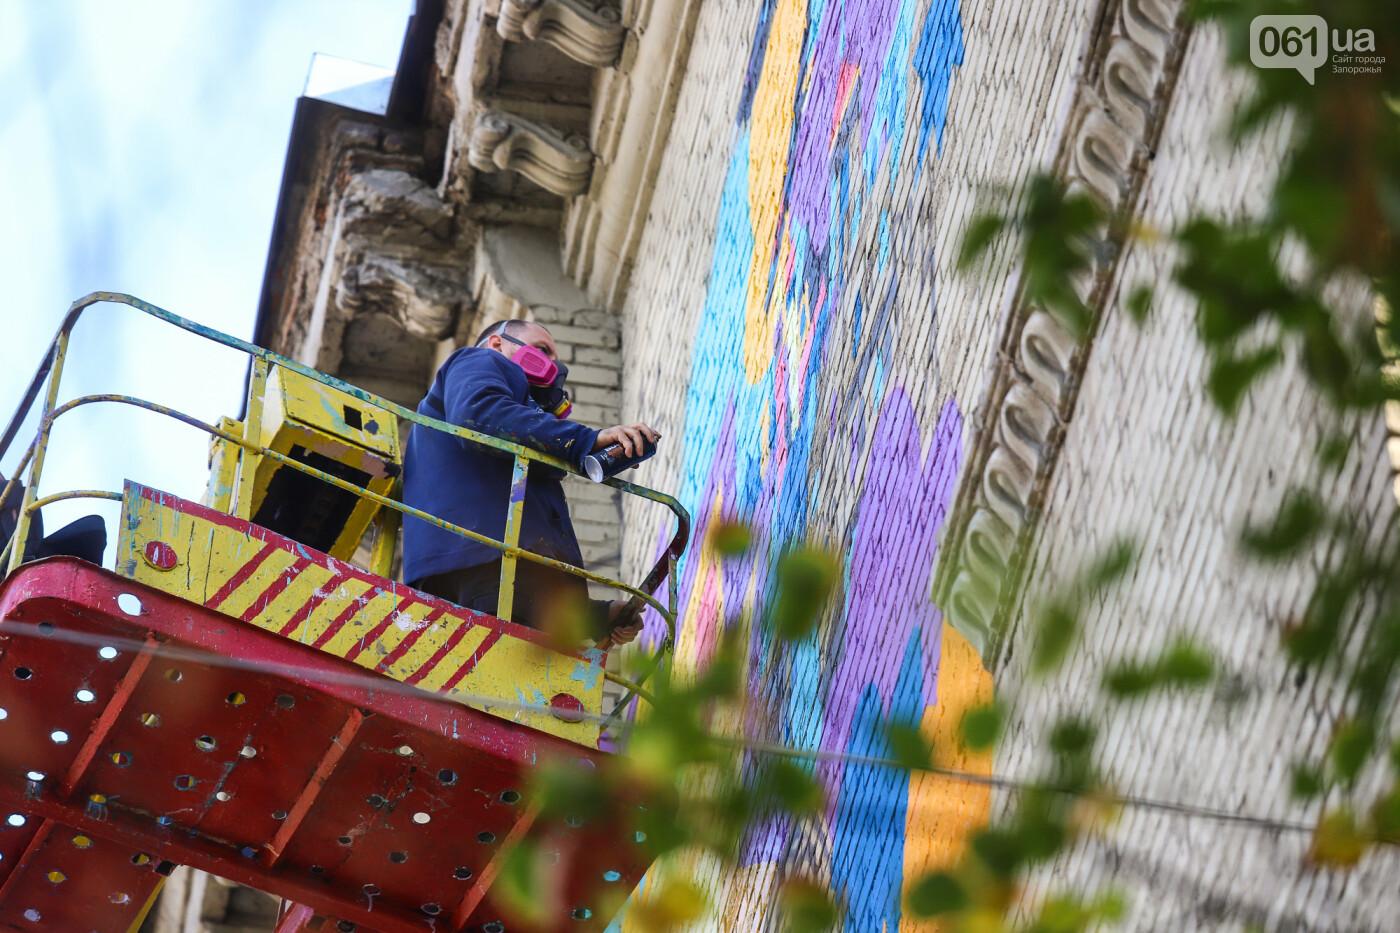 Художник из Нью-Йорка нарисовал мурал к 250-летию Запорожья - ФОТОРЕПОРТАЖ , фото-12